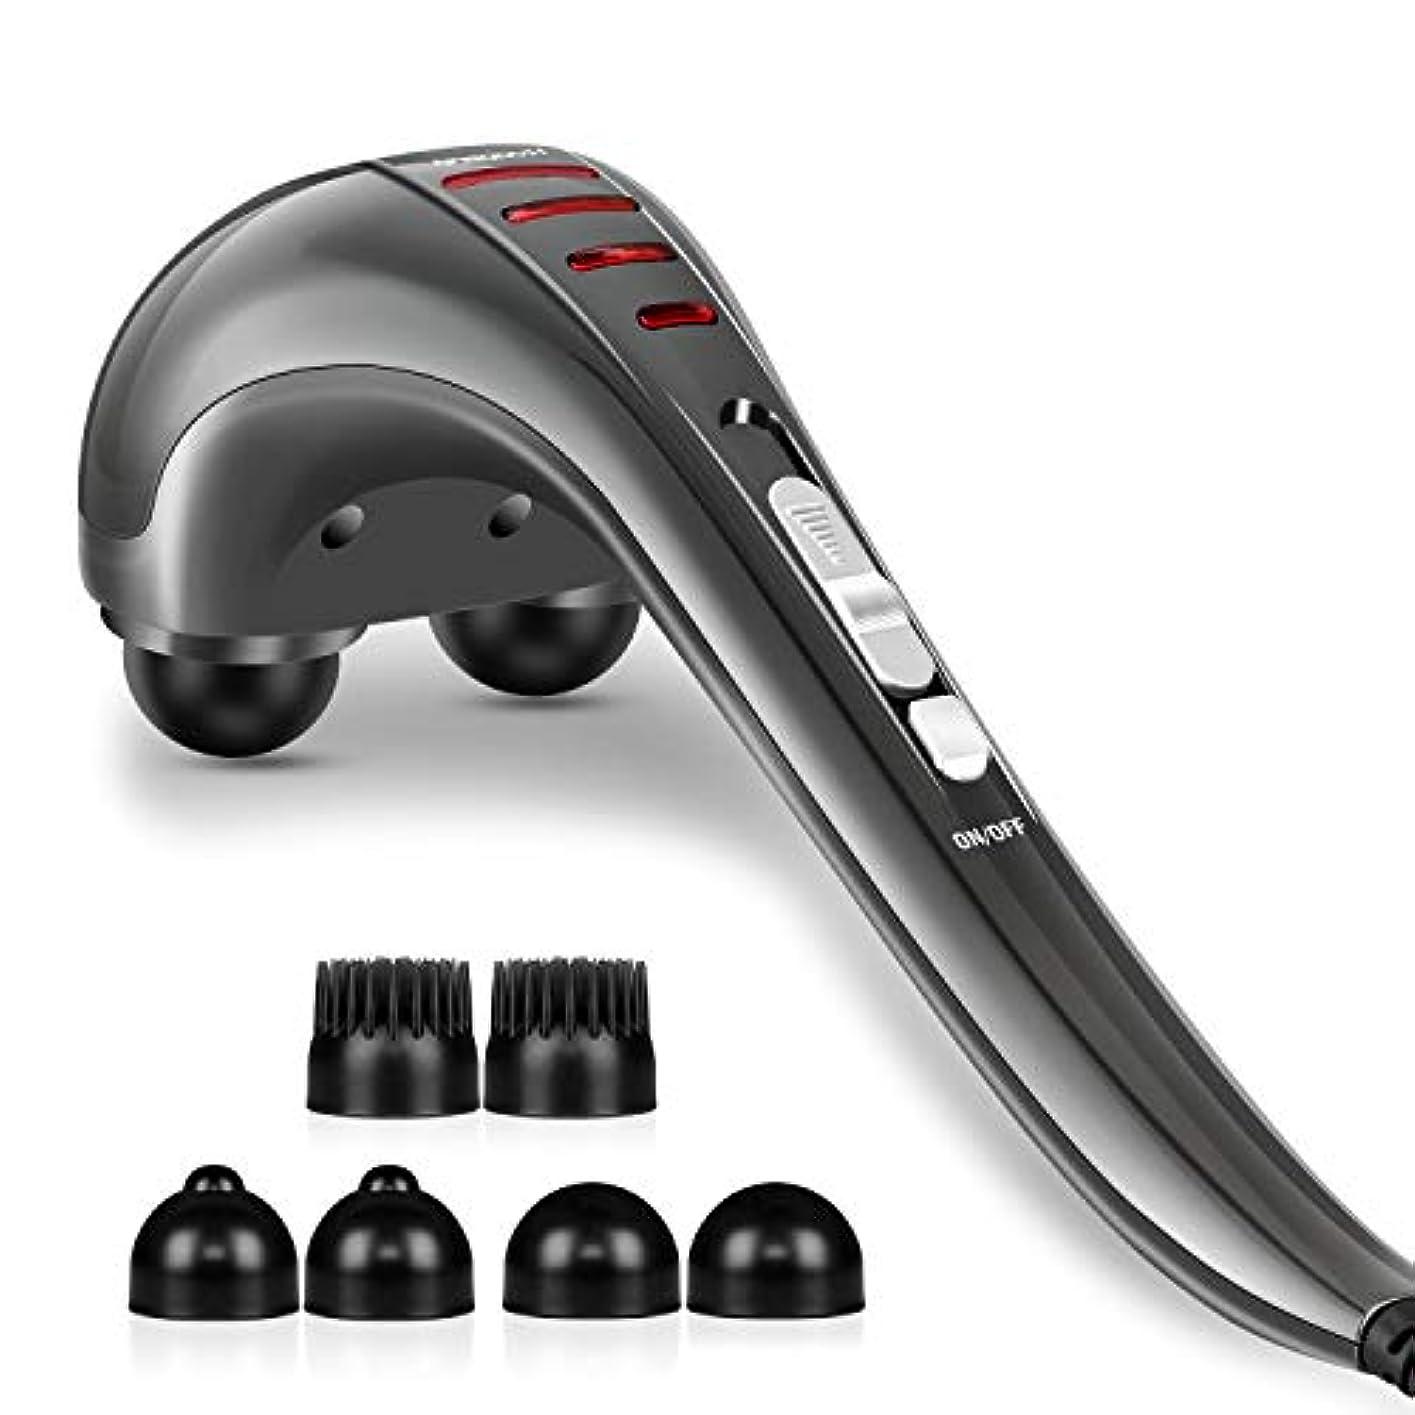 パスシャツ紳士Hangsun Handheld Neck Back Massager MG460 Deep Tissue Percussion Massage for Shoulder, Leg, Foot, Muscles, Electric...